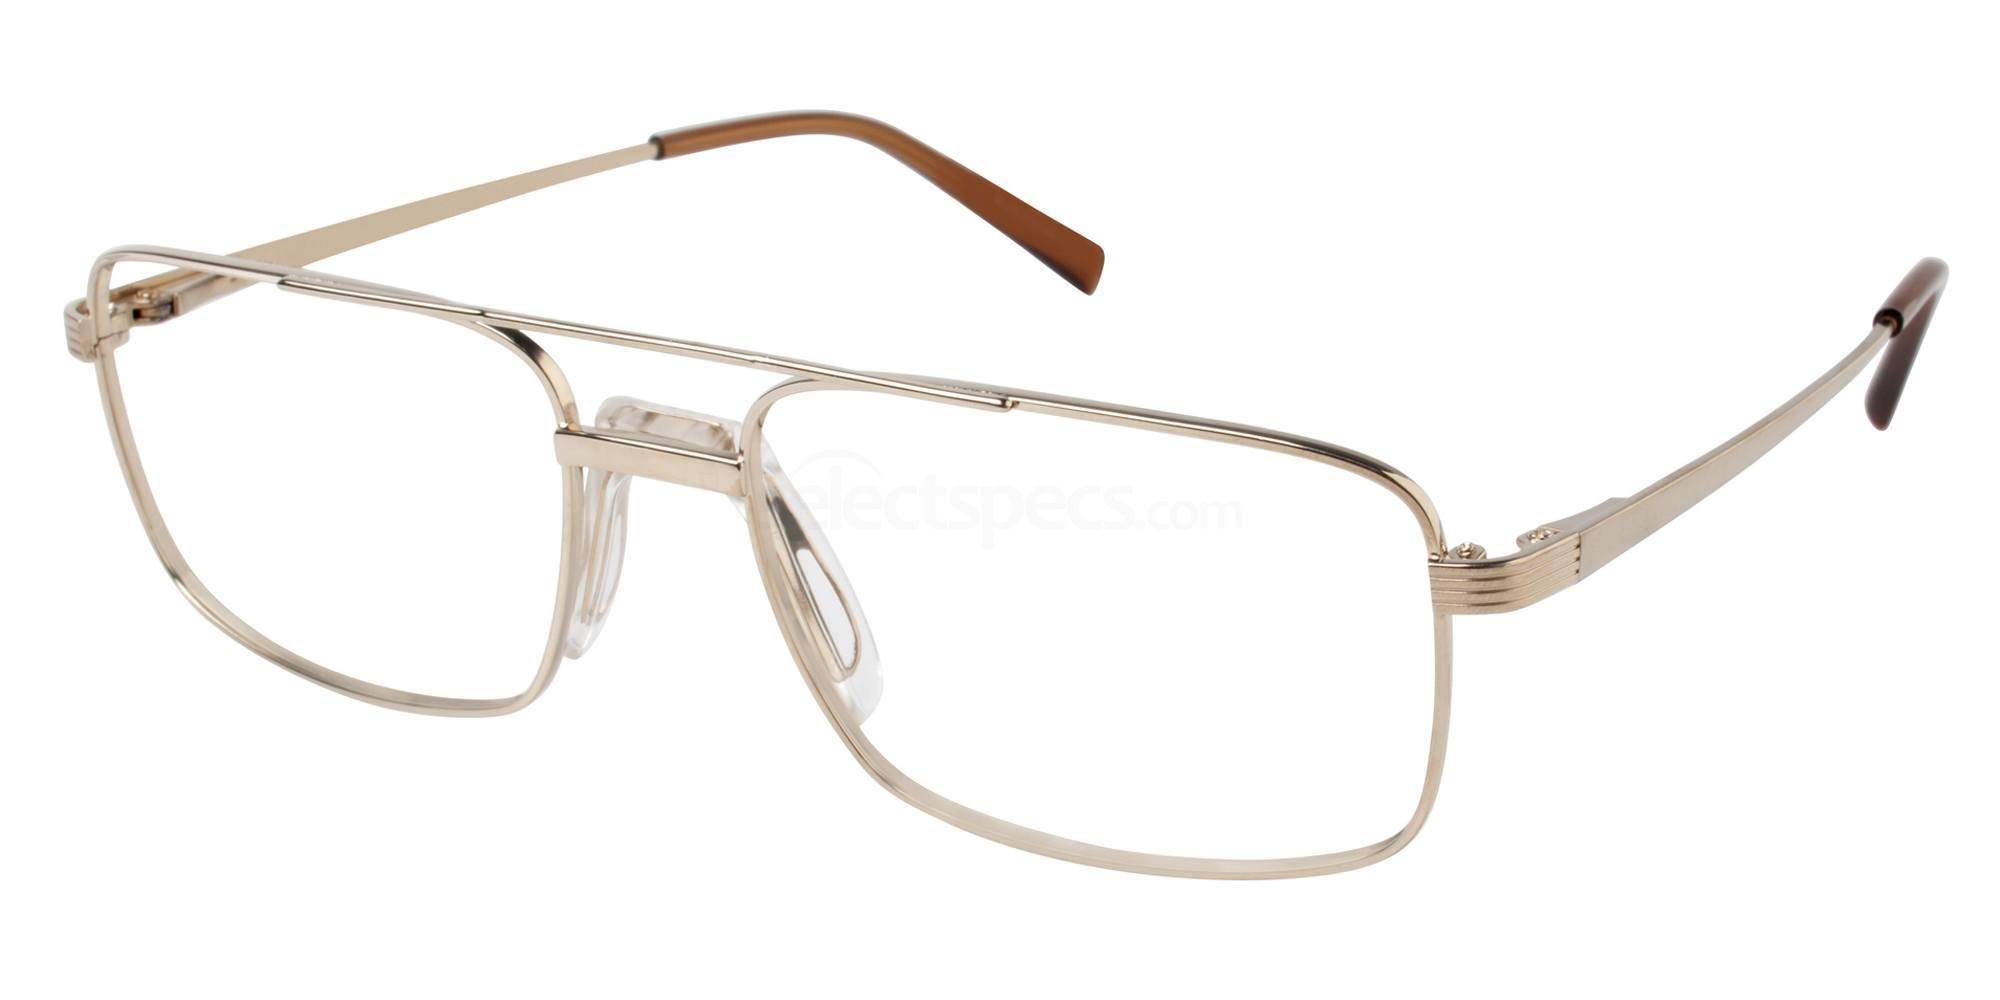 Charmant CH11424 glasses